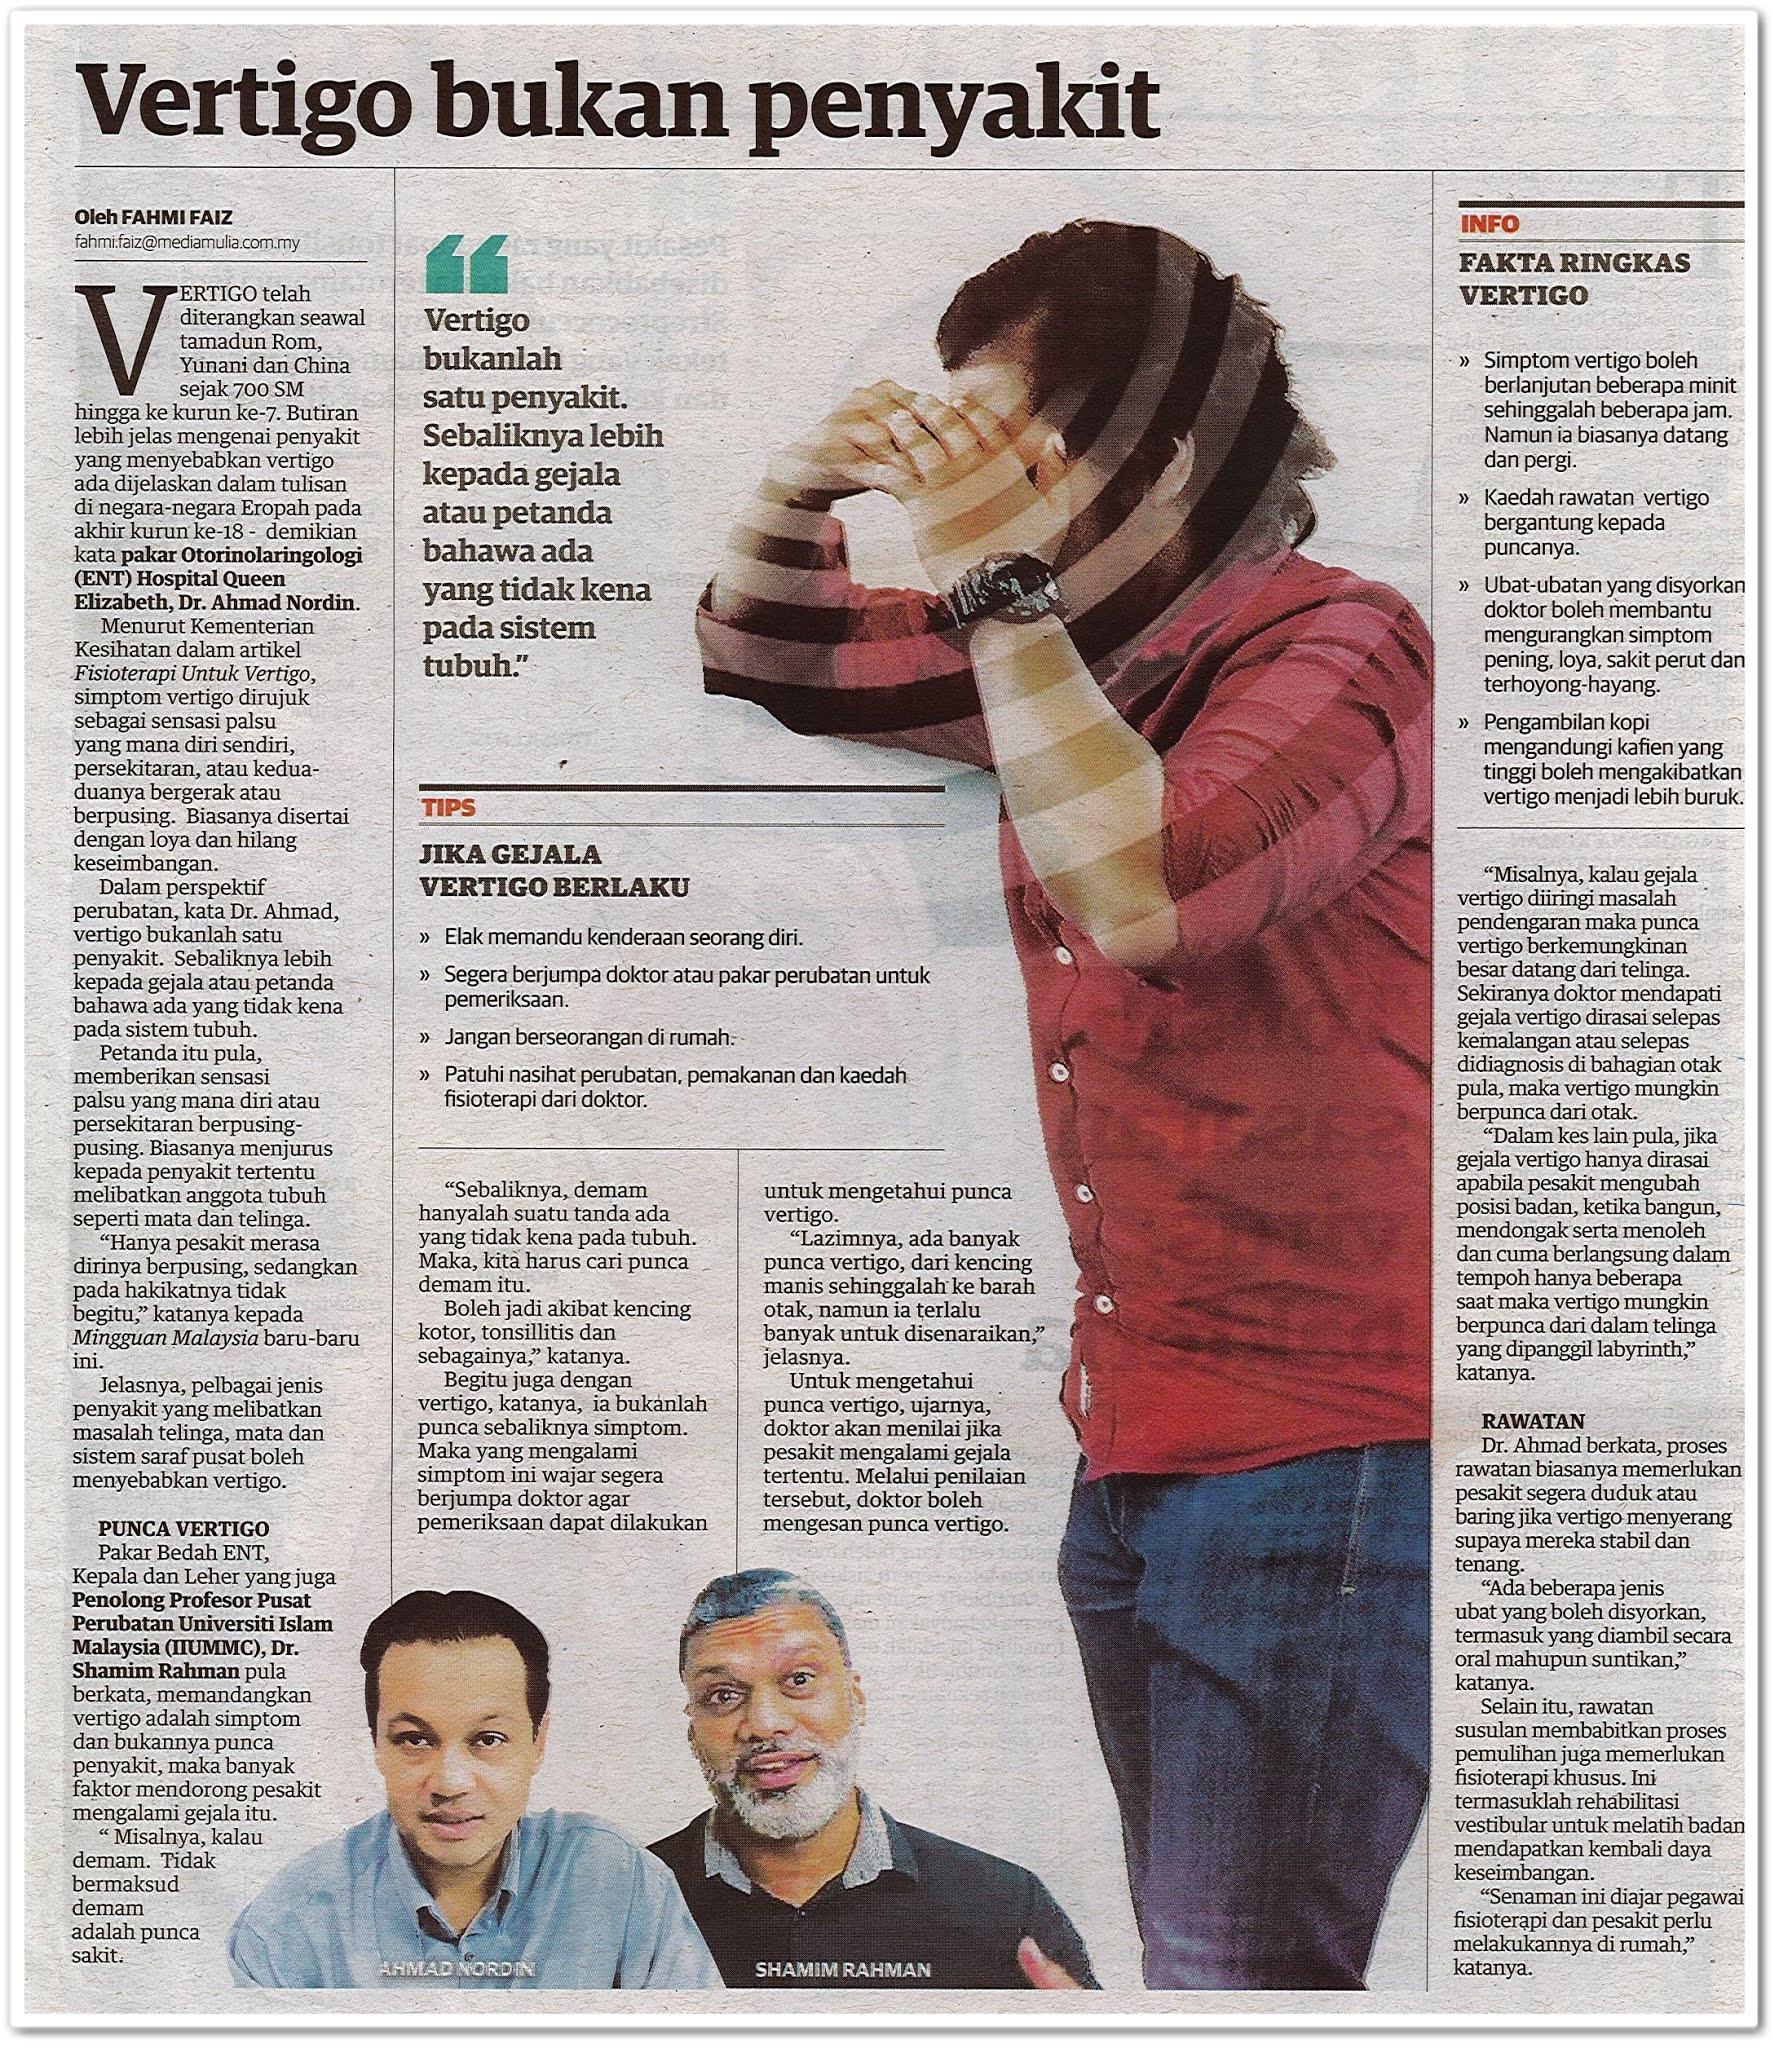 Vertigo bukan penyakit - Keratan akhbar Mingguan Malaysia 9 Ogos 2020